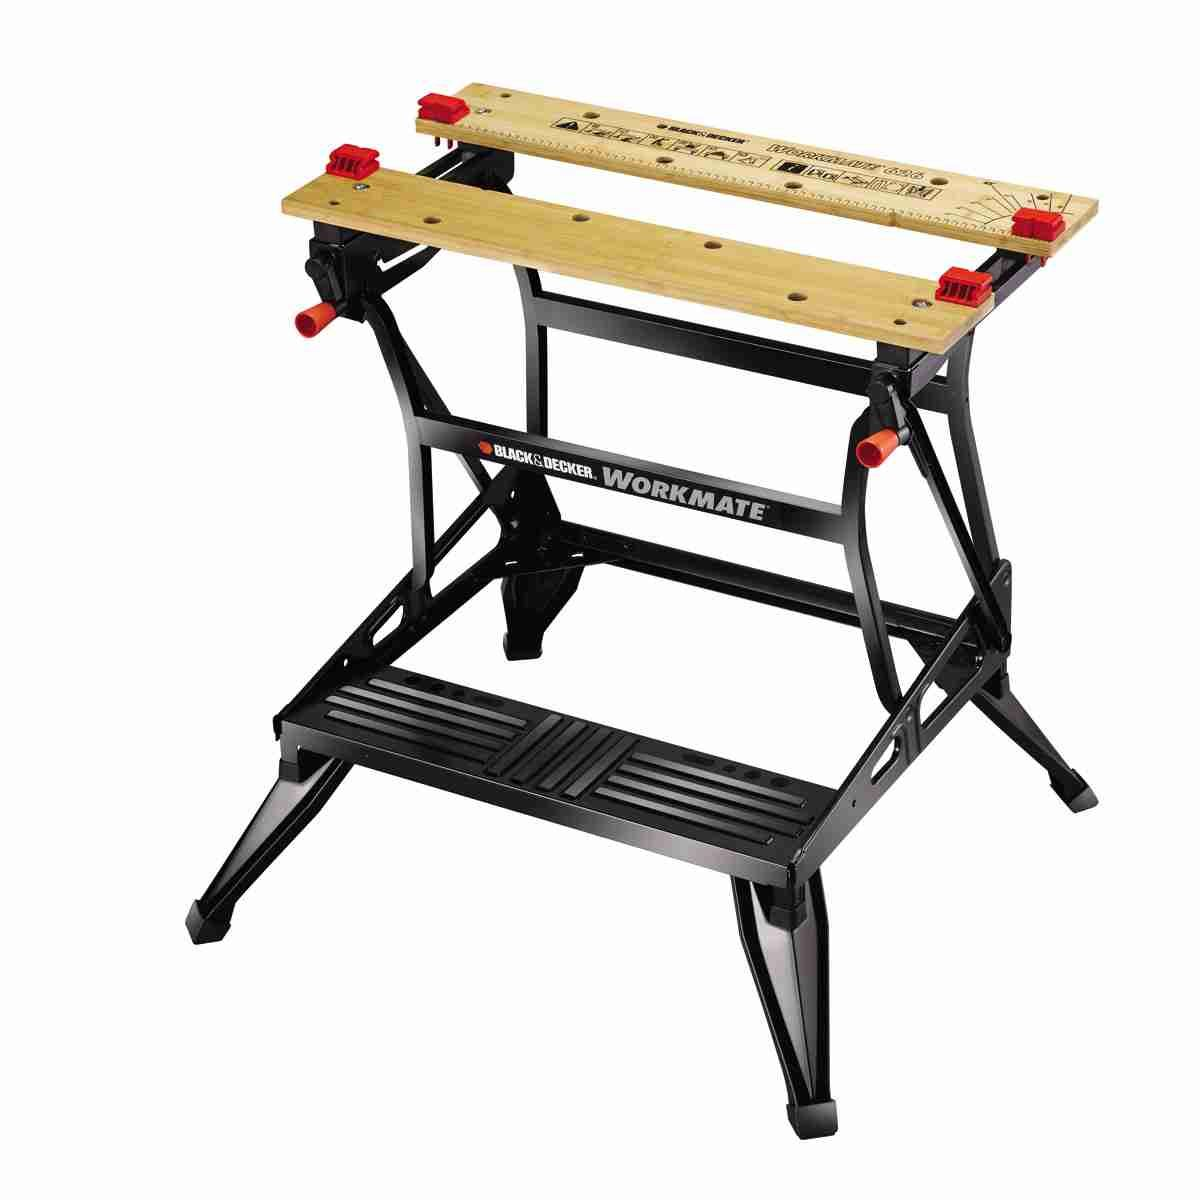 Black And Decker Wm626 Workmate Workshop Work Bench Ebay